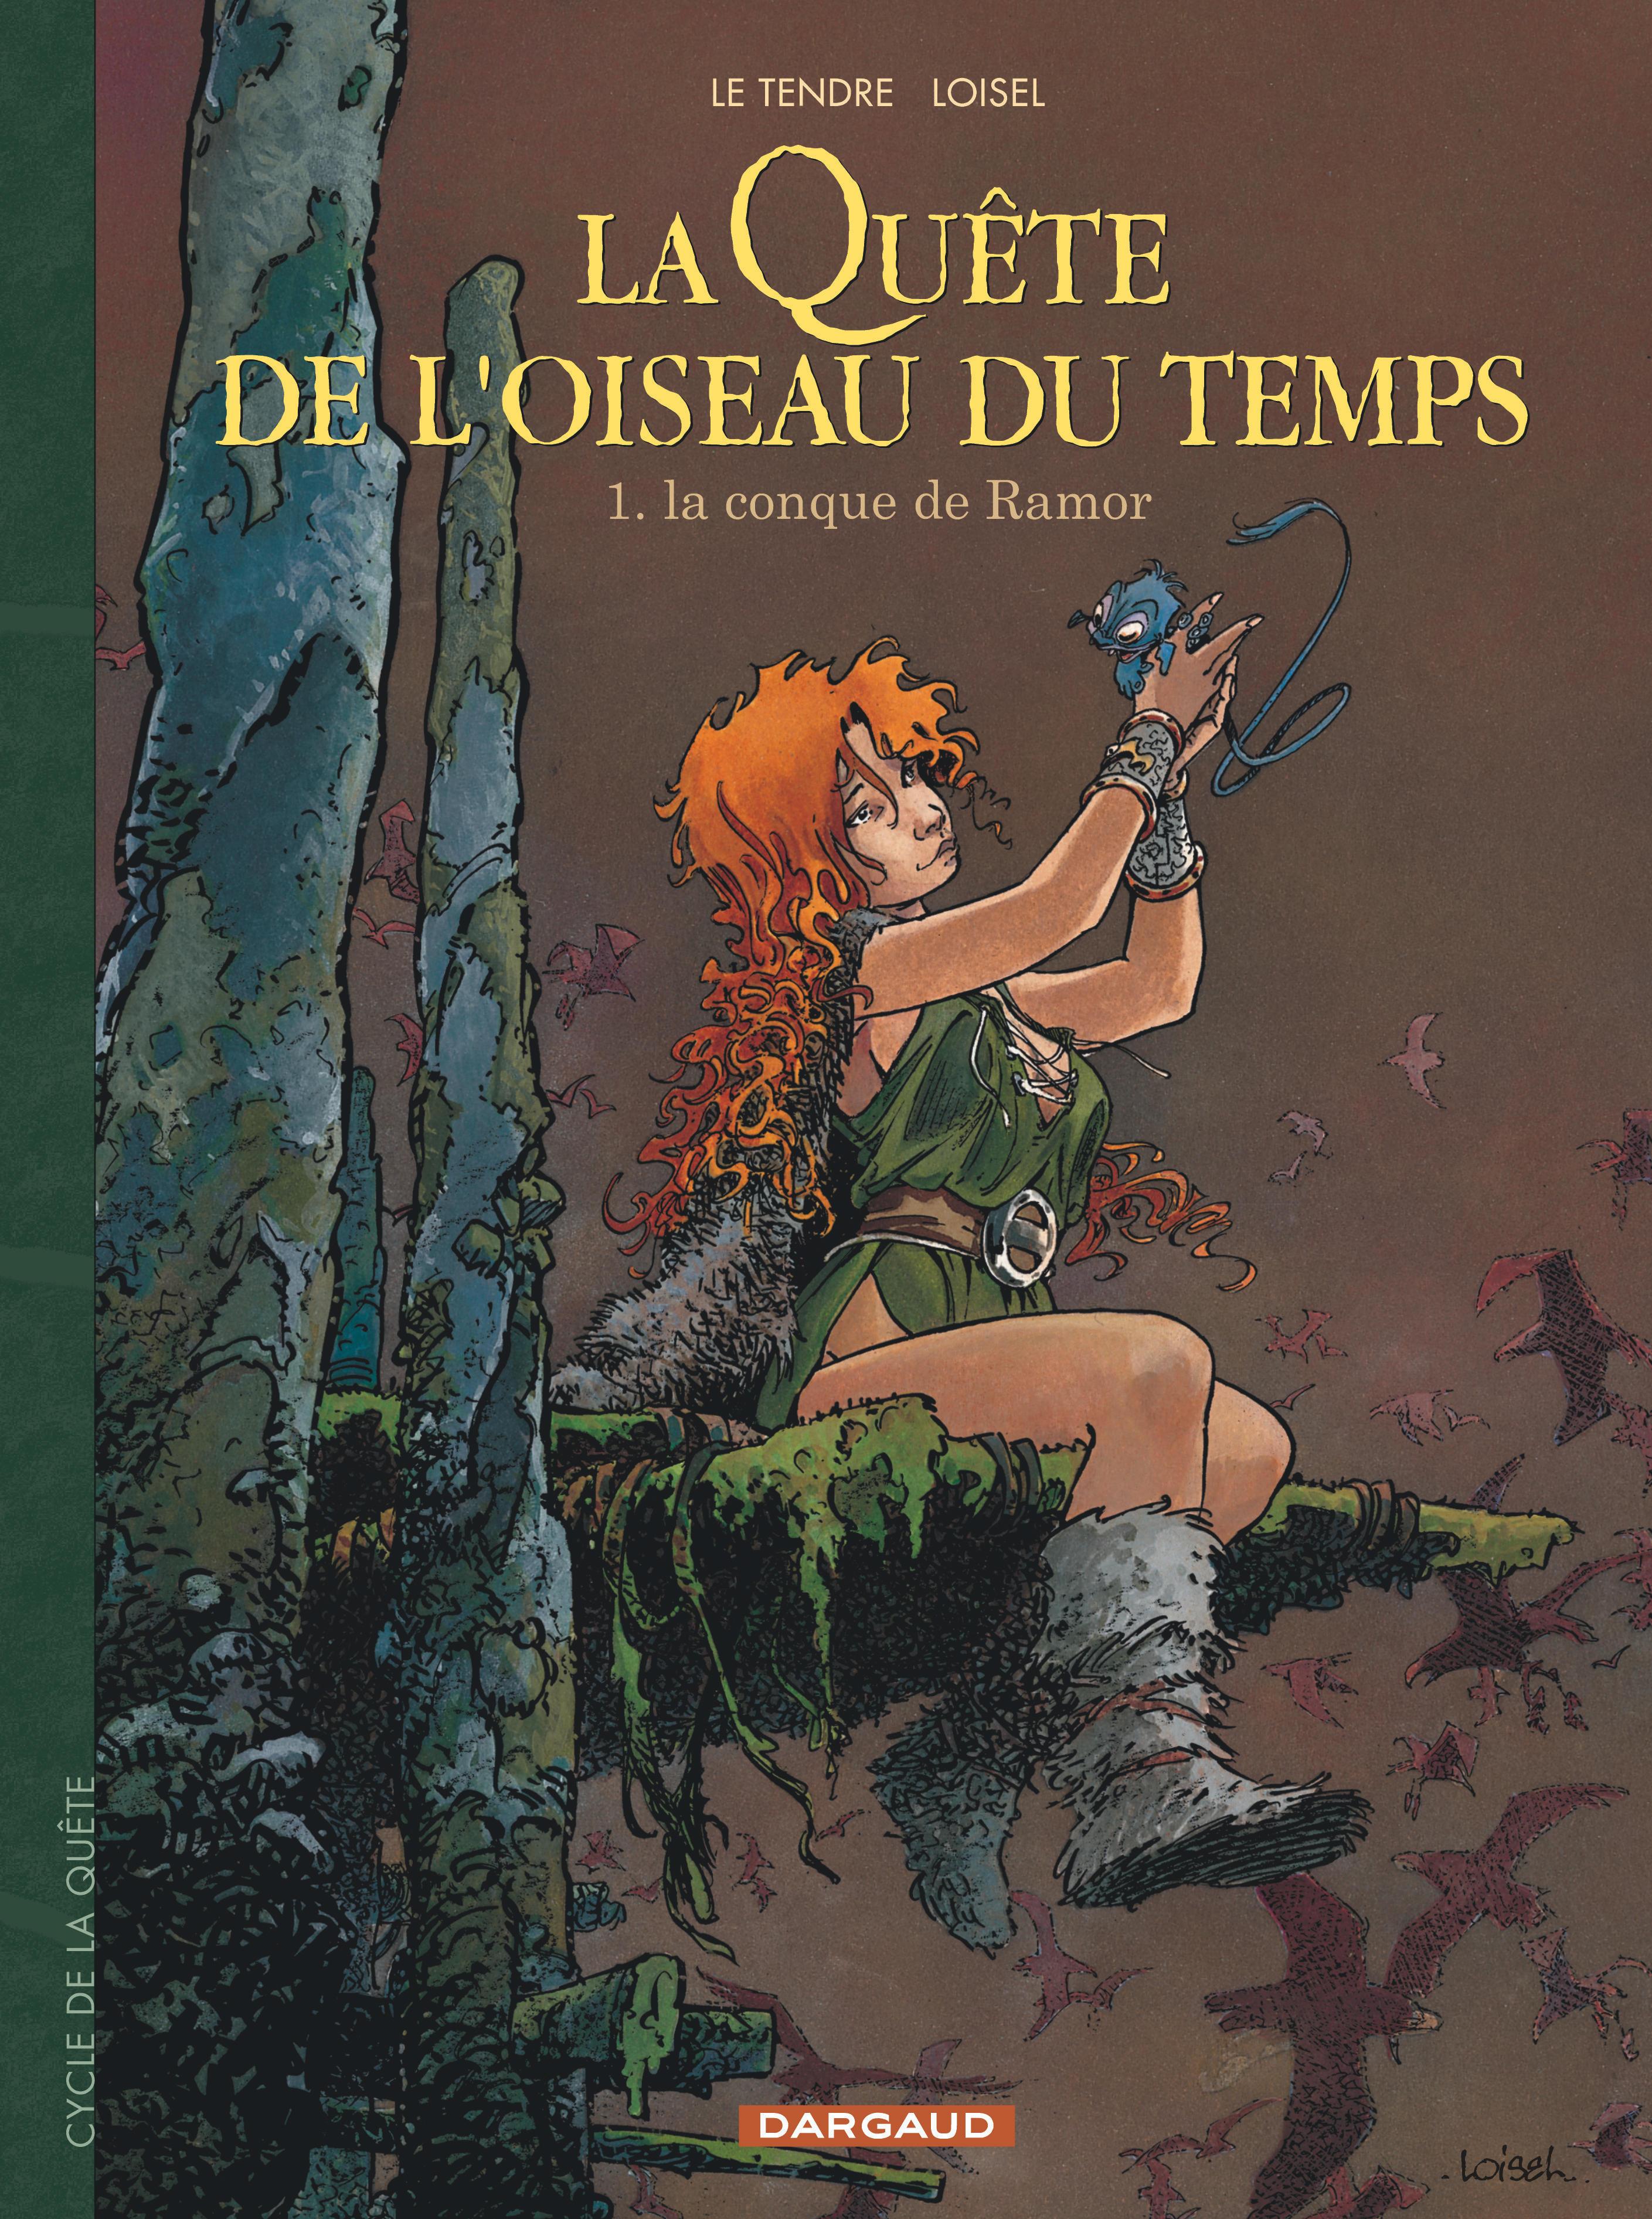 LA QUETE DE L'OISEAU DU TEMPS - T1 - LA CONQUE DE RAMOR